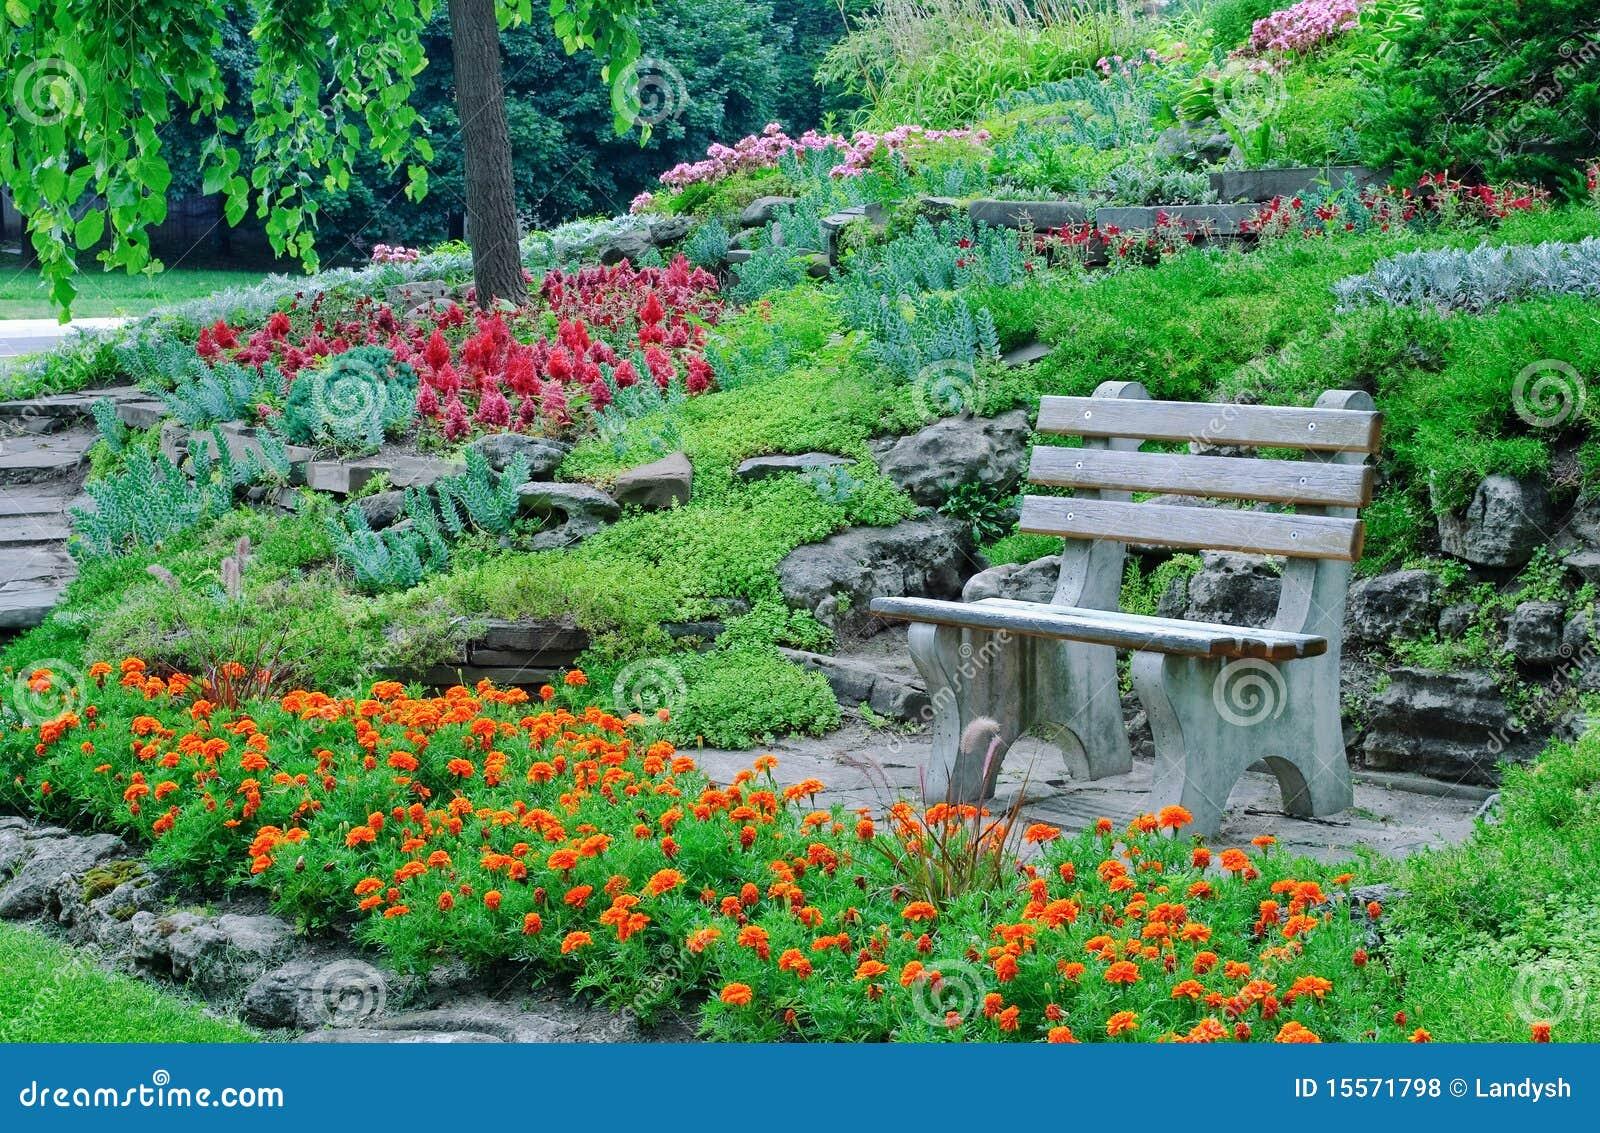 Macizos de flores plantas decorativas en un parque foto for Plantas decorativas